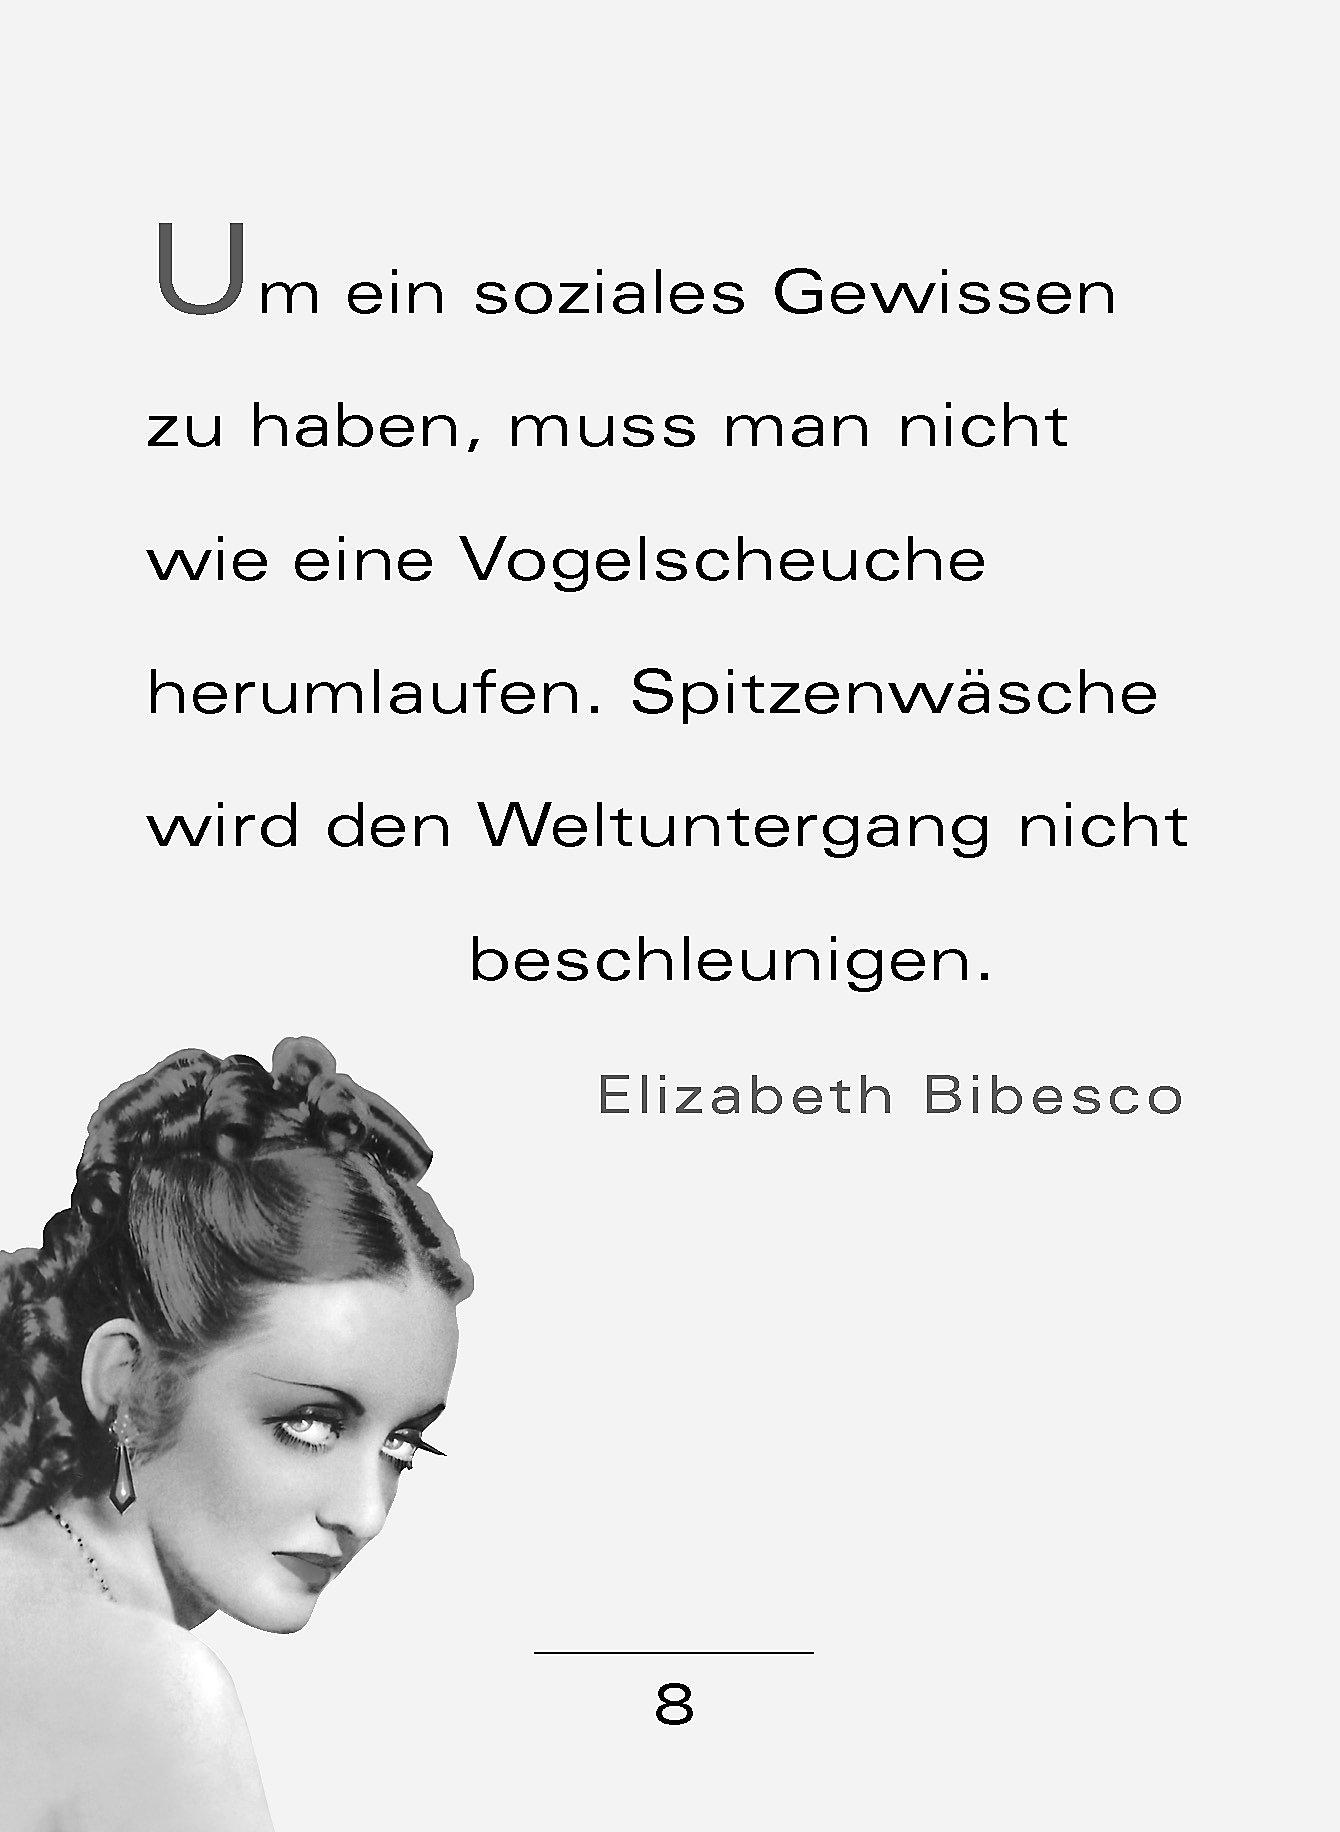 Coole Sprüche für starke Frauen Buch bei Weltbild.ch bestellen